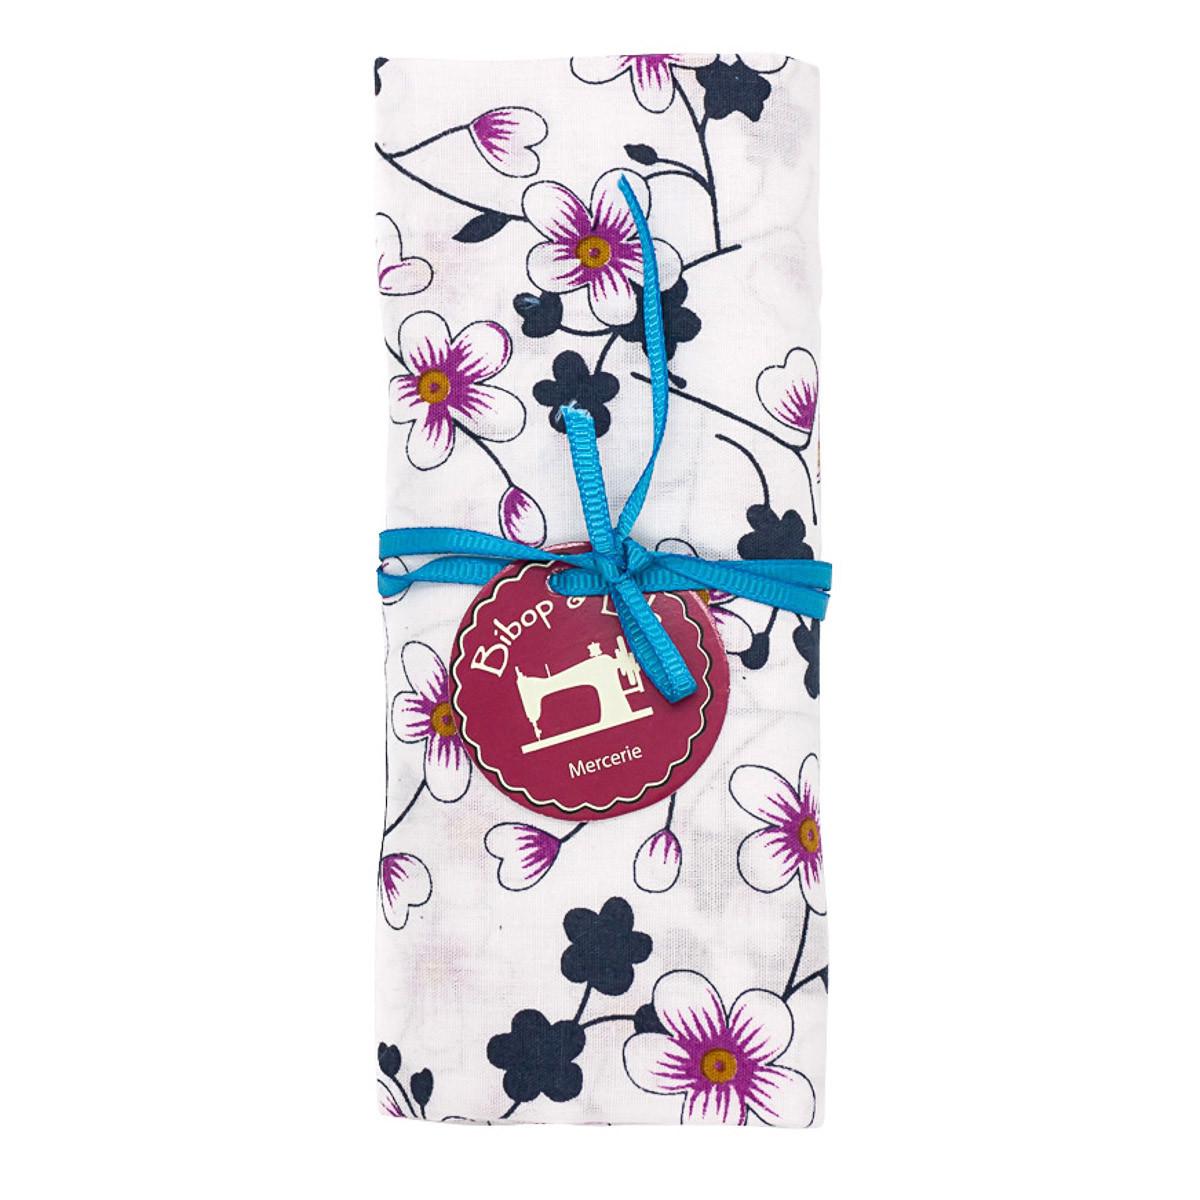 coupon tissu coton fleurs japonaises roses sur fond blanc